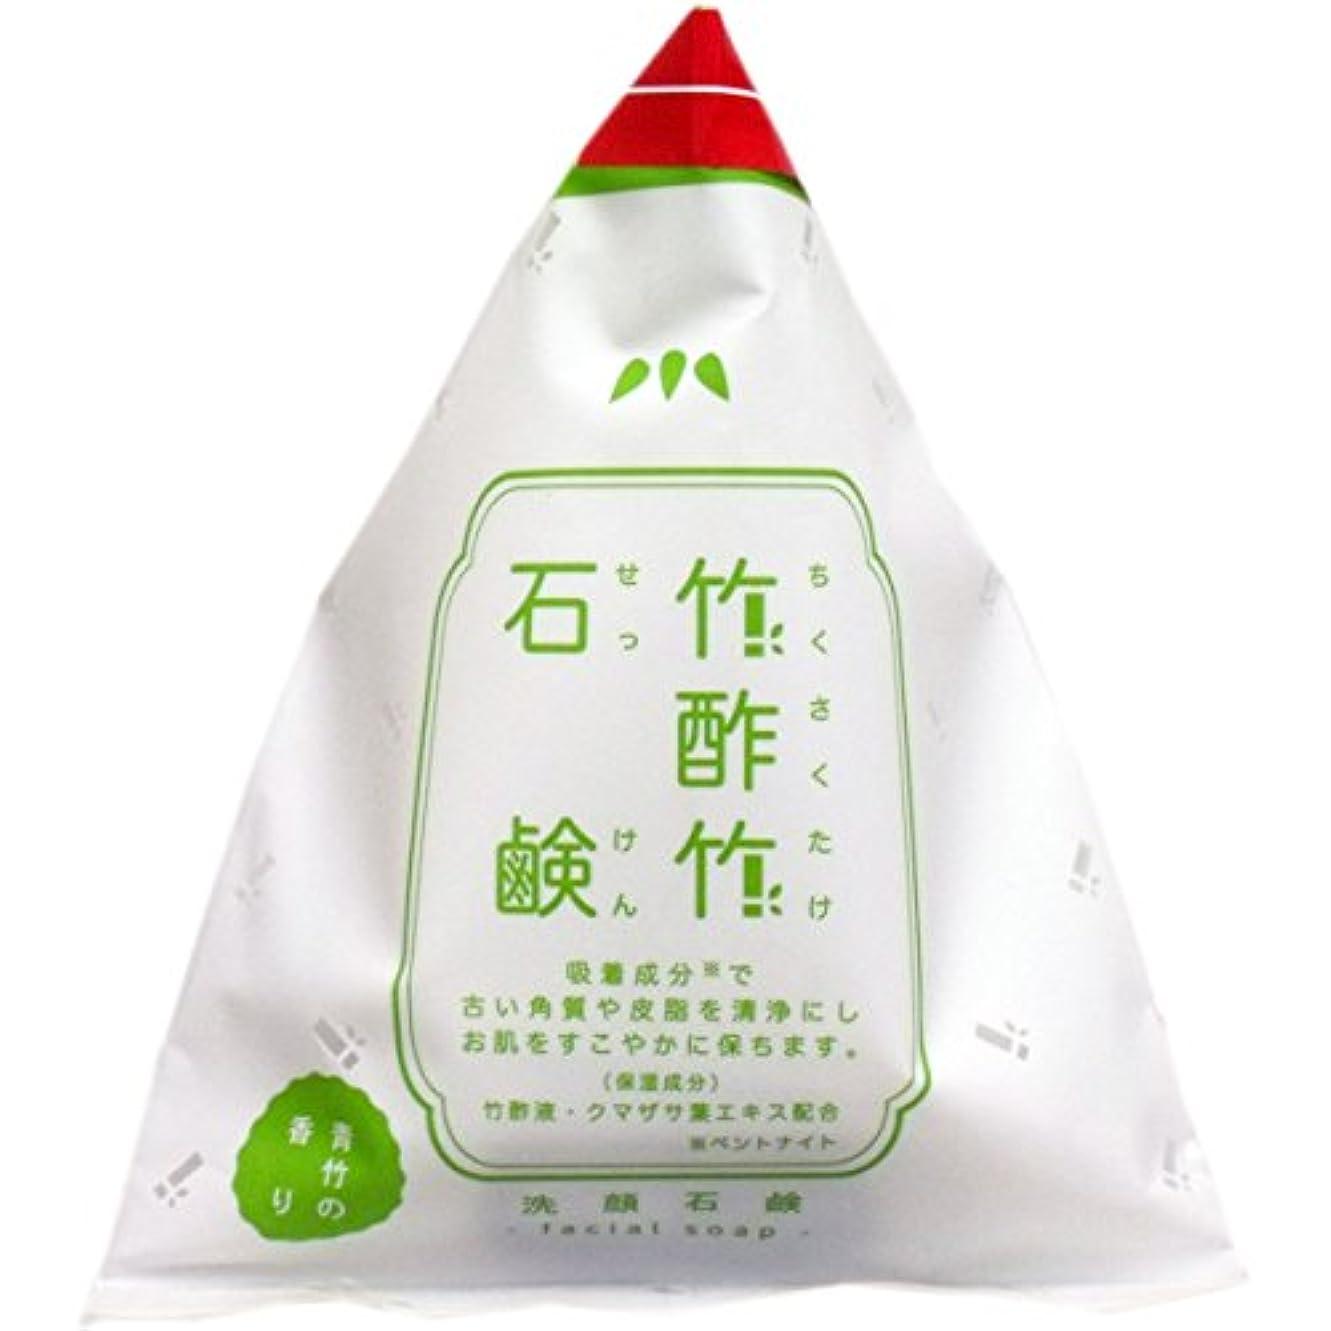 ぬれたマットはちみつフェニックス 竹酢竹石鹸 (120g)